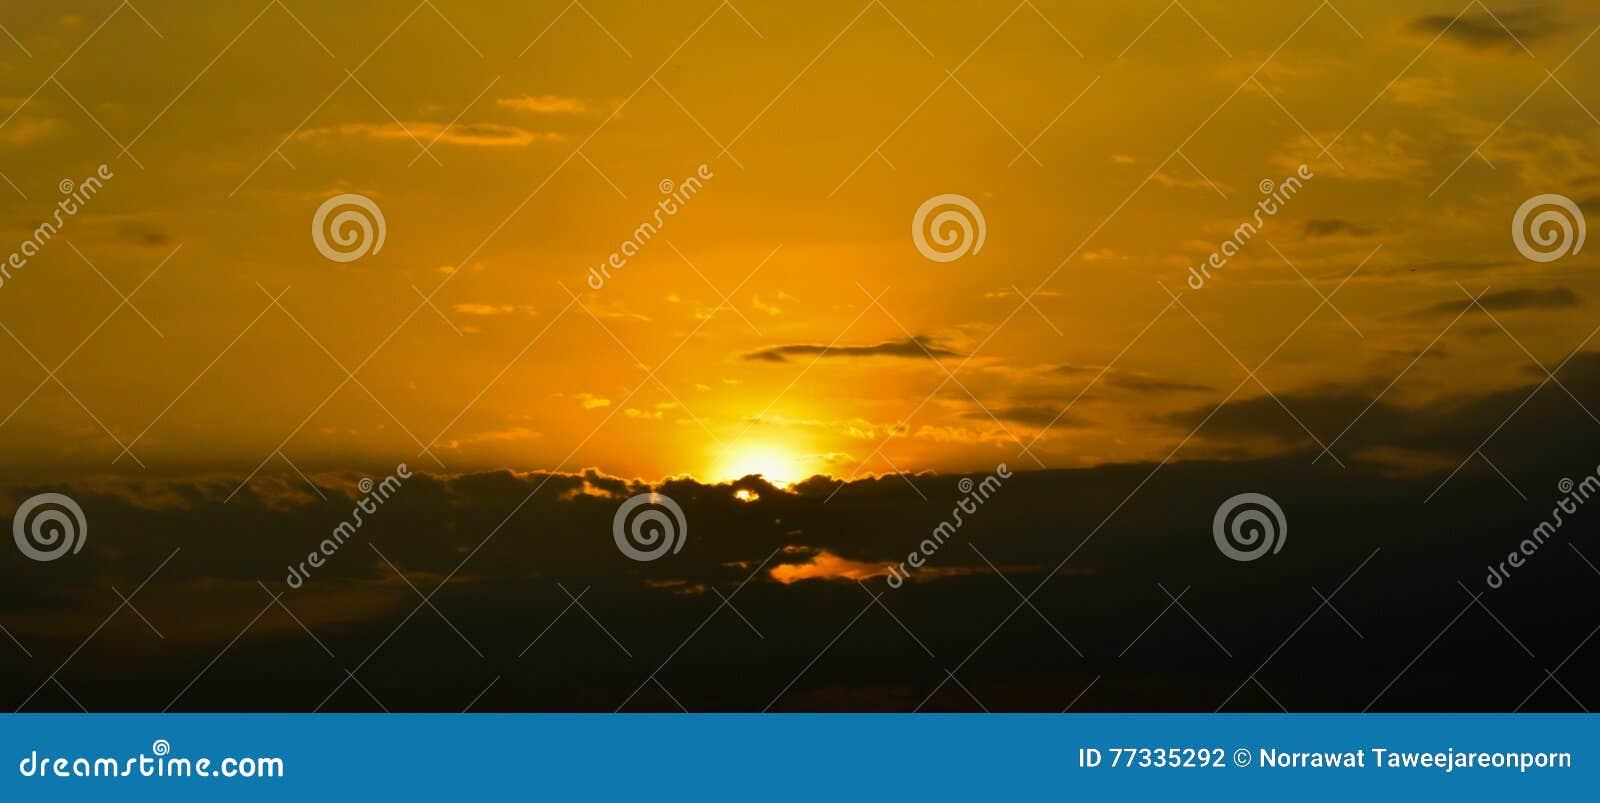 Moln och himmel i soluppgång